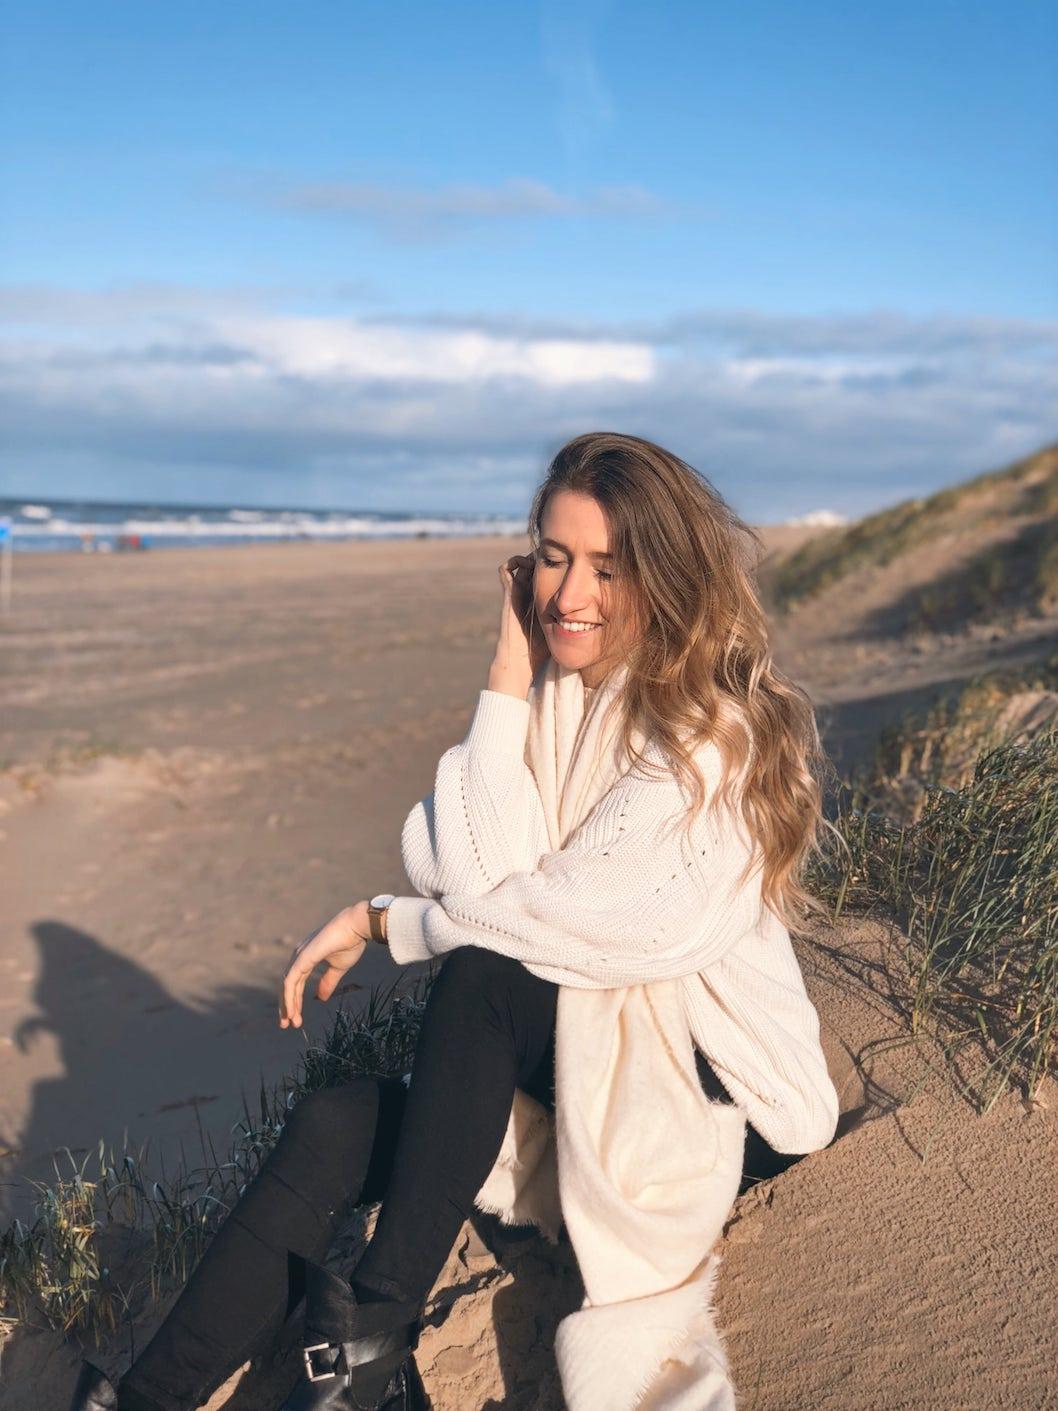 Mijn visie: een liefdevolle basis voor een gezond & gelukkig leven